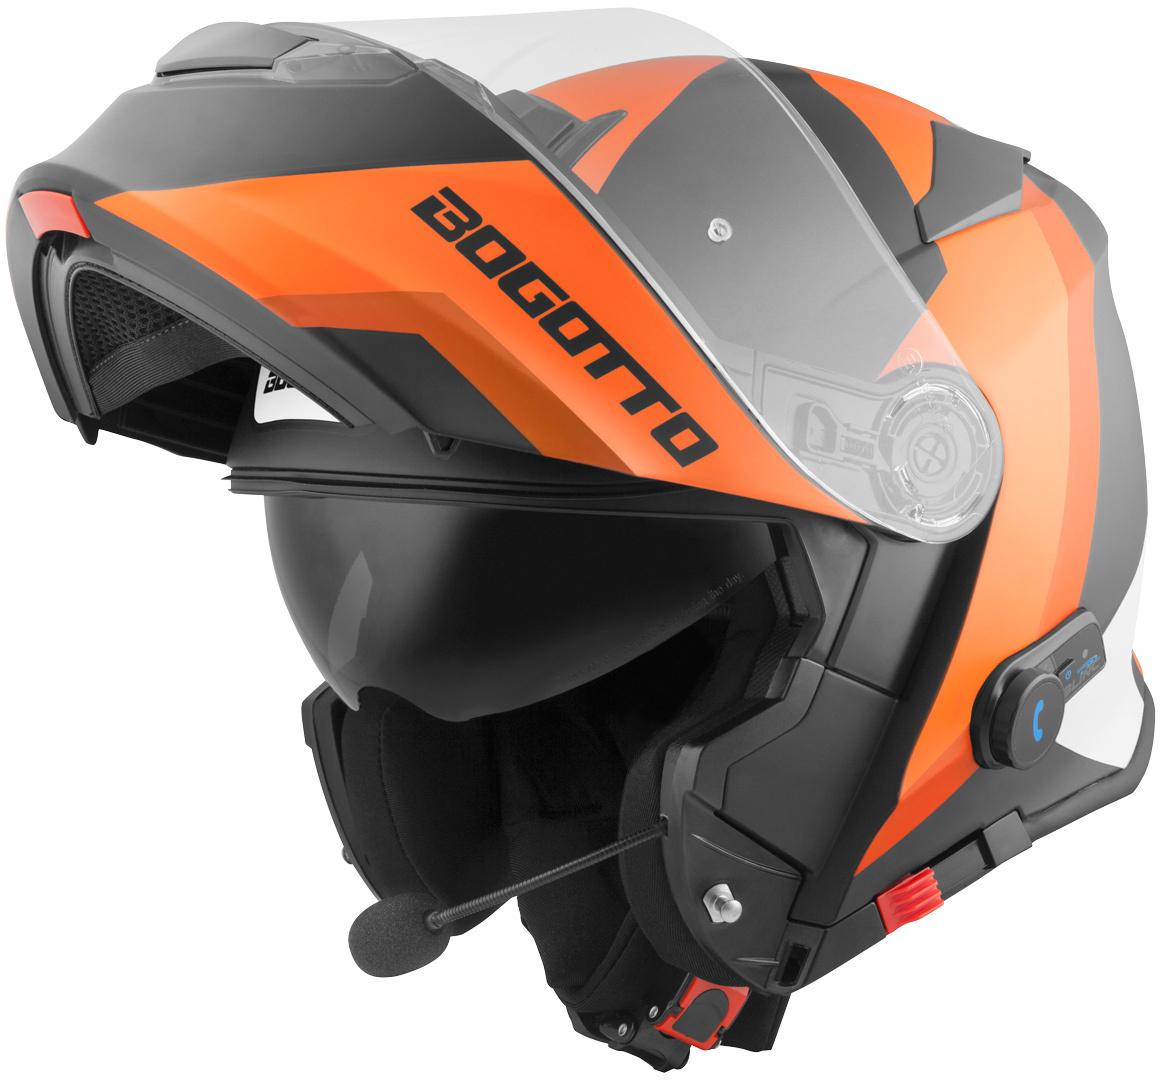 Bogotto V271 BT Zabu Bluetooth Klapphelm, schwarz-orange, Größe S, schwarz-orange, Größe S